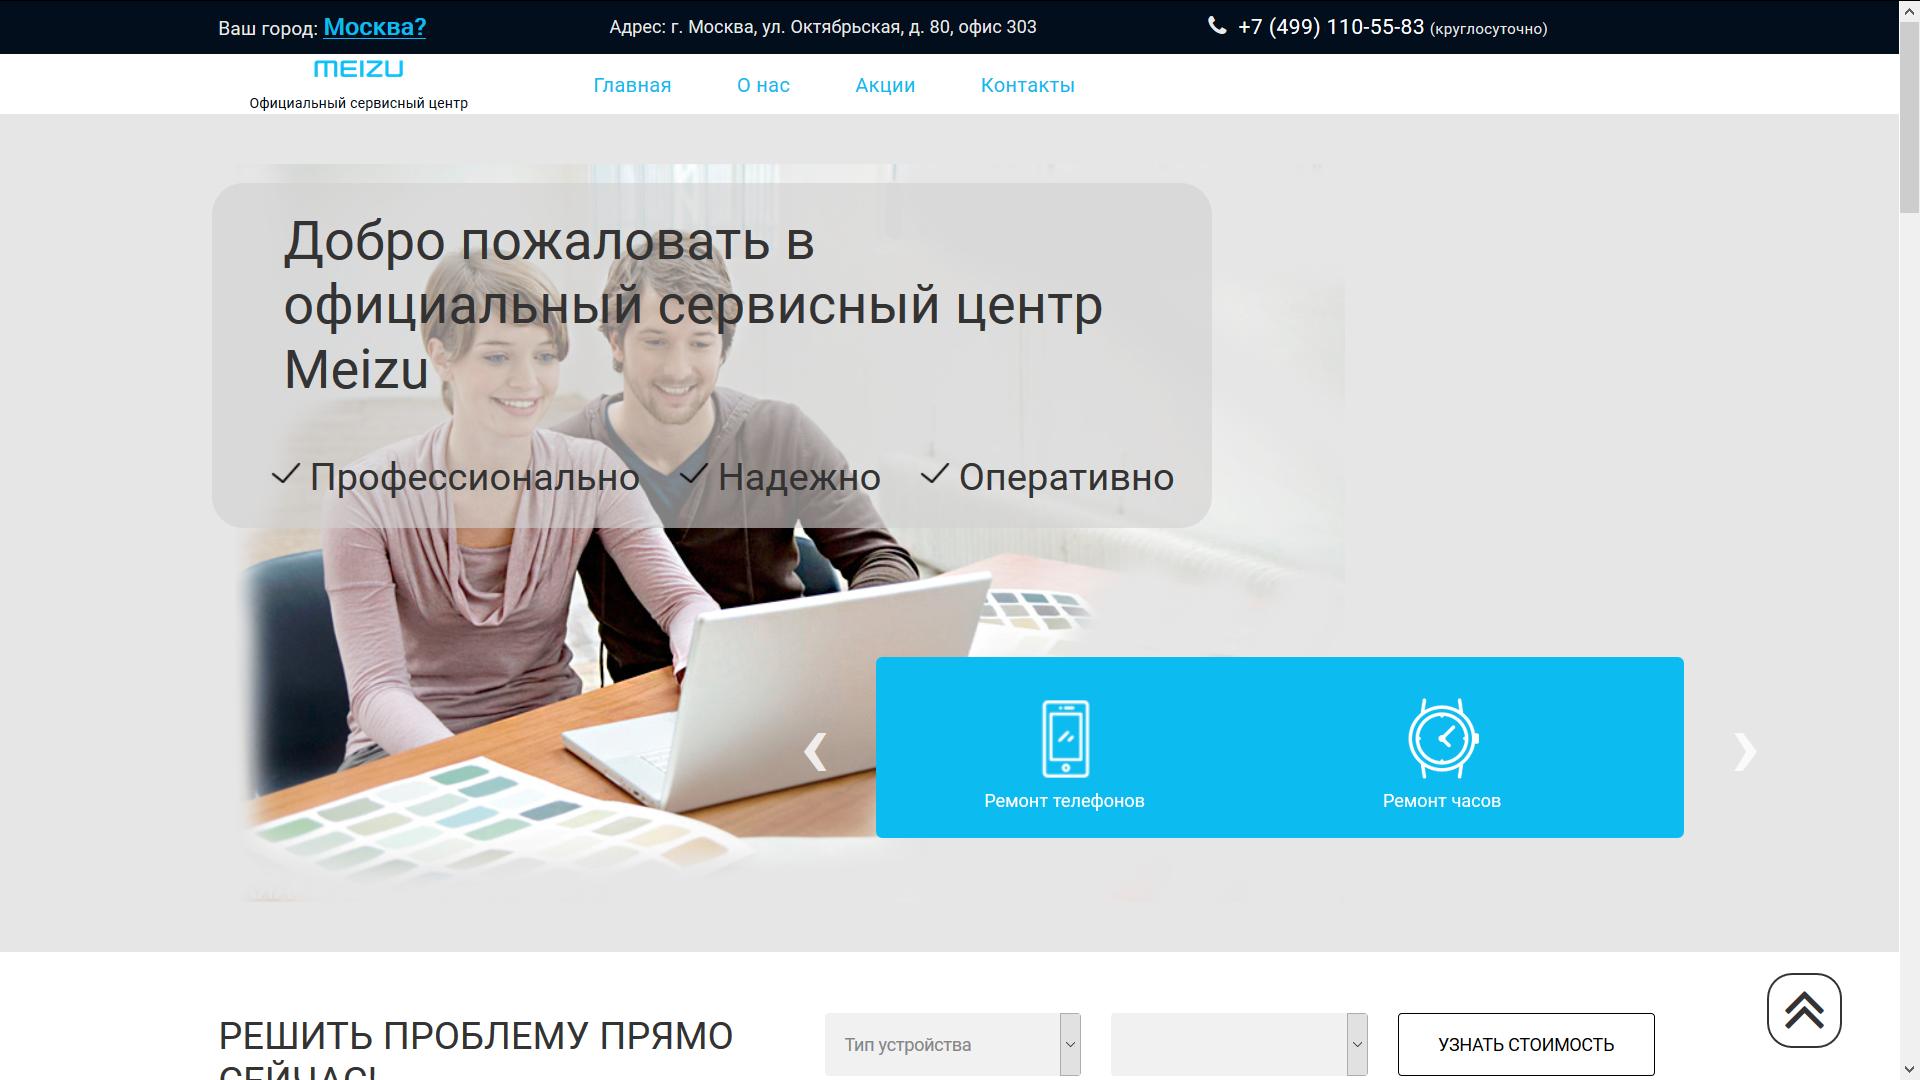 Ремонтеры мошенники servicemeizu.ru